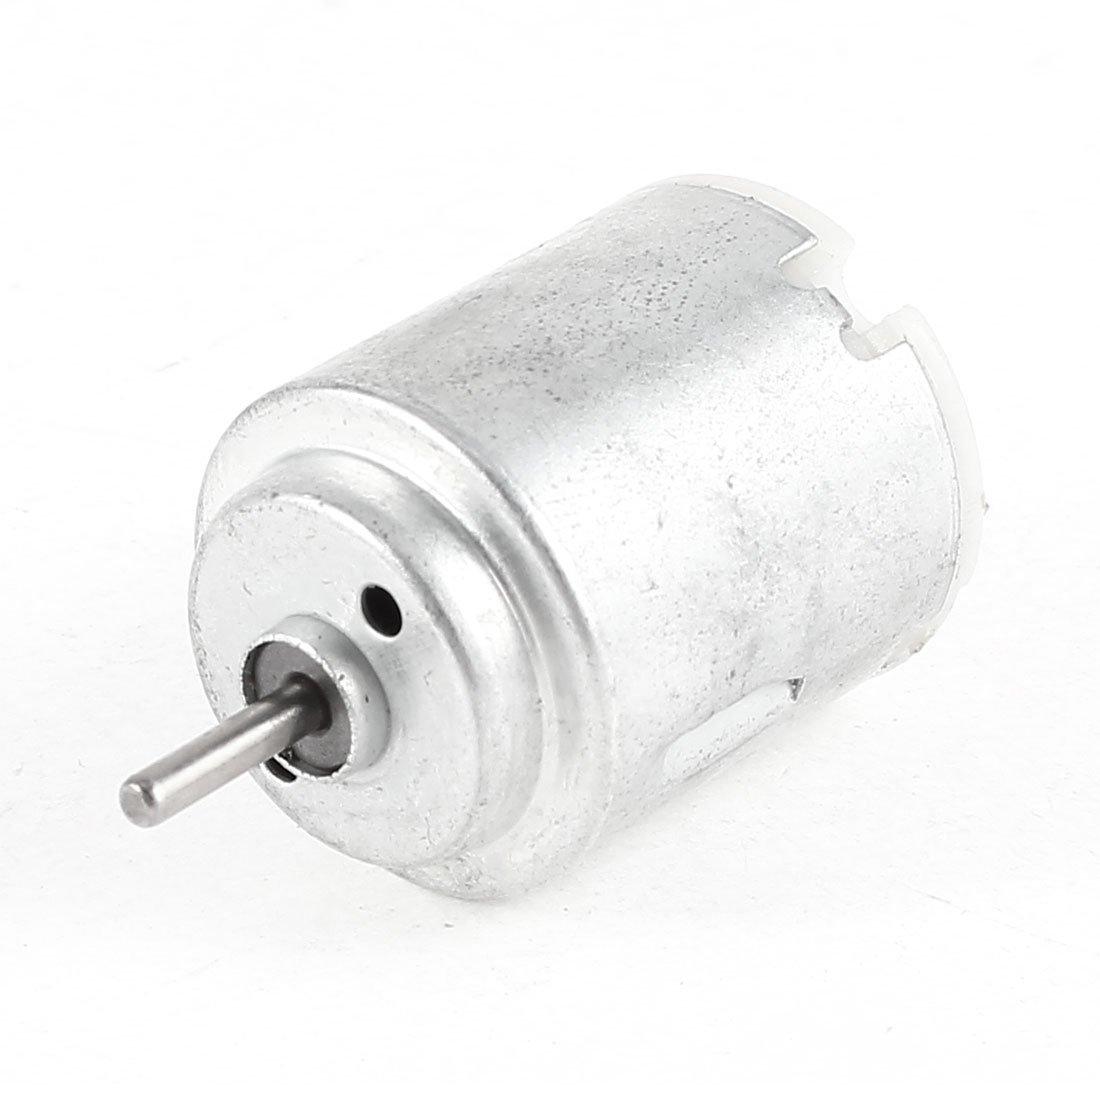 Mini moteur électrique - DC 1,5-6 volts - 7500tr/min - 25x20mm -Pour les modèles RC - Jouets à bricoler